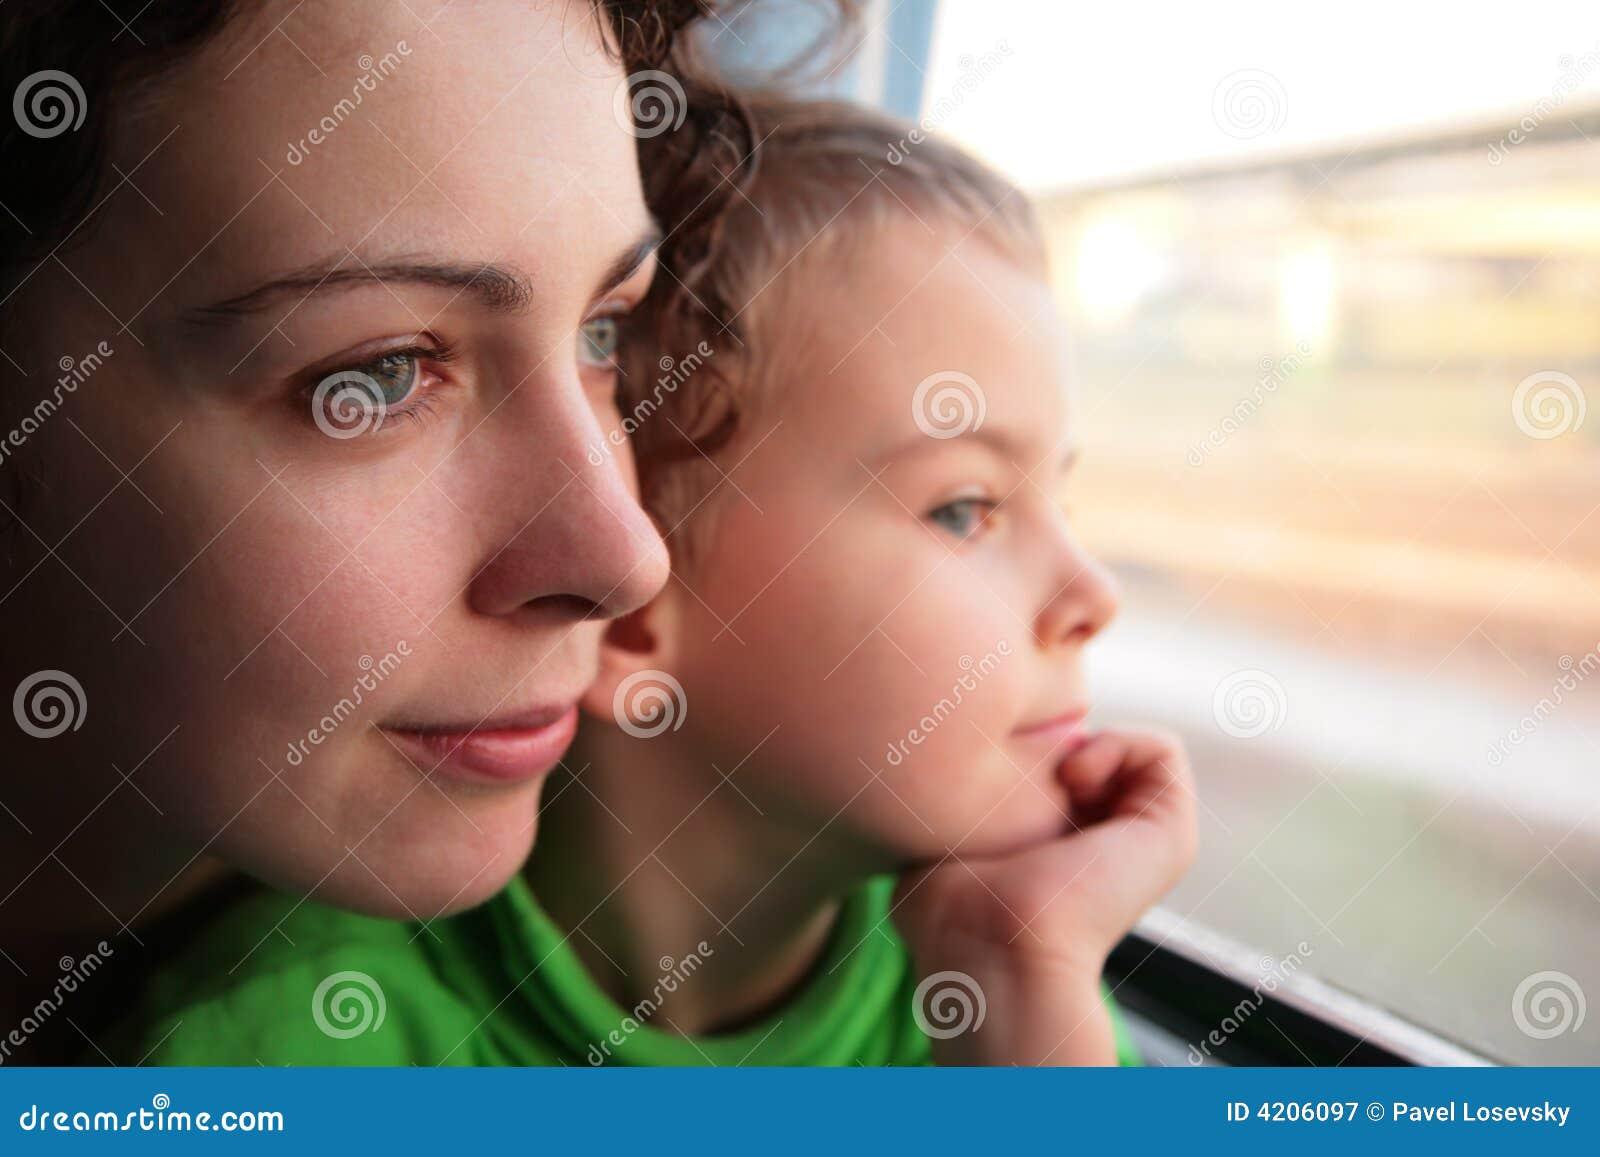 Сын смотрит как маму 6 фотография